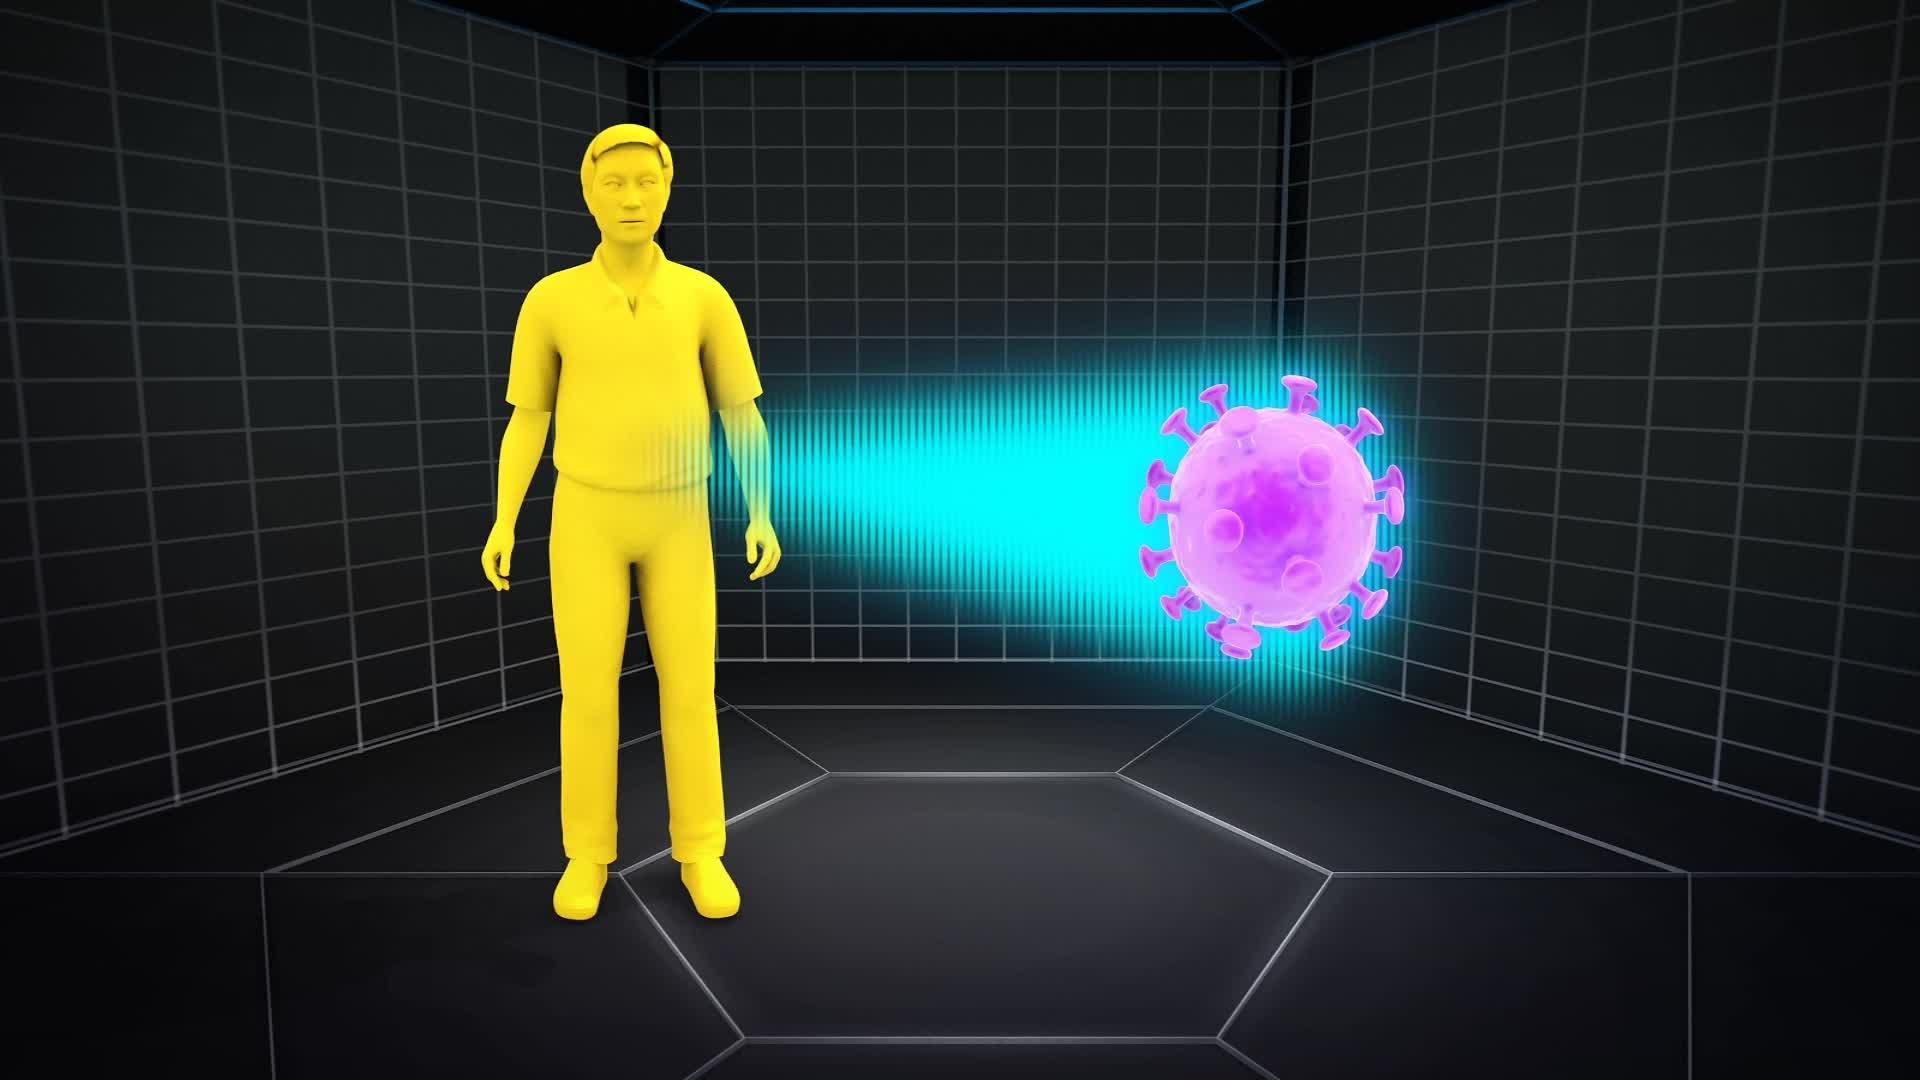 Wuhan coronavirus symptoms clarified in new study